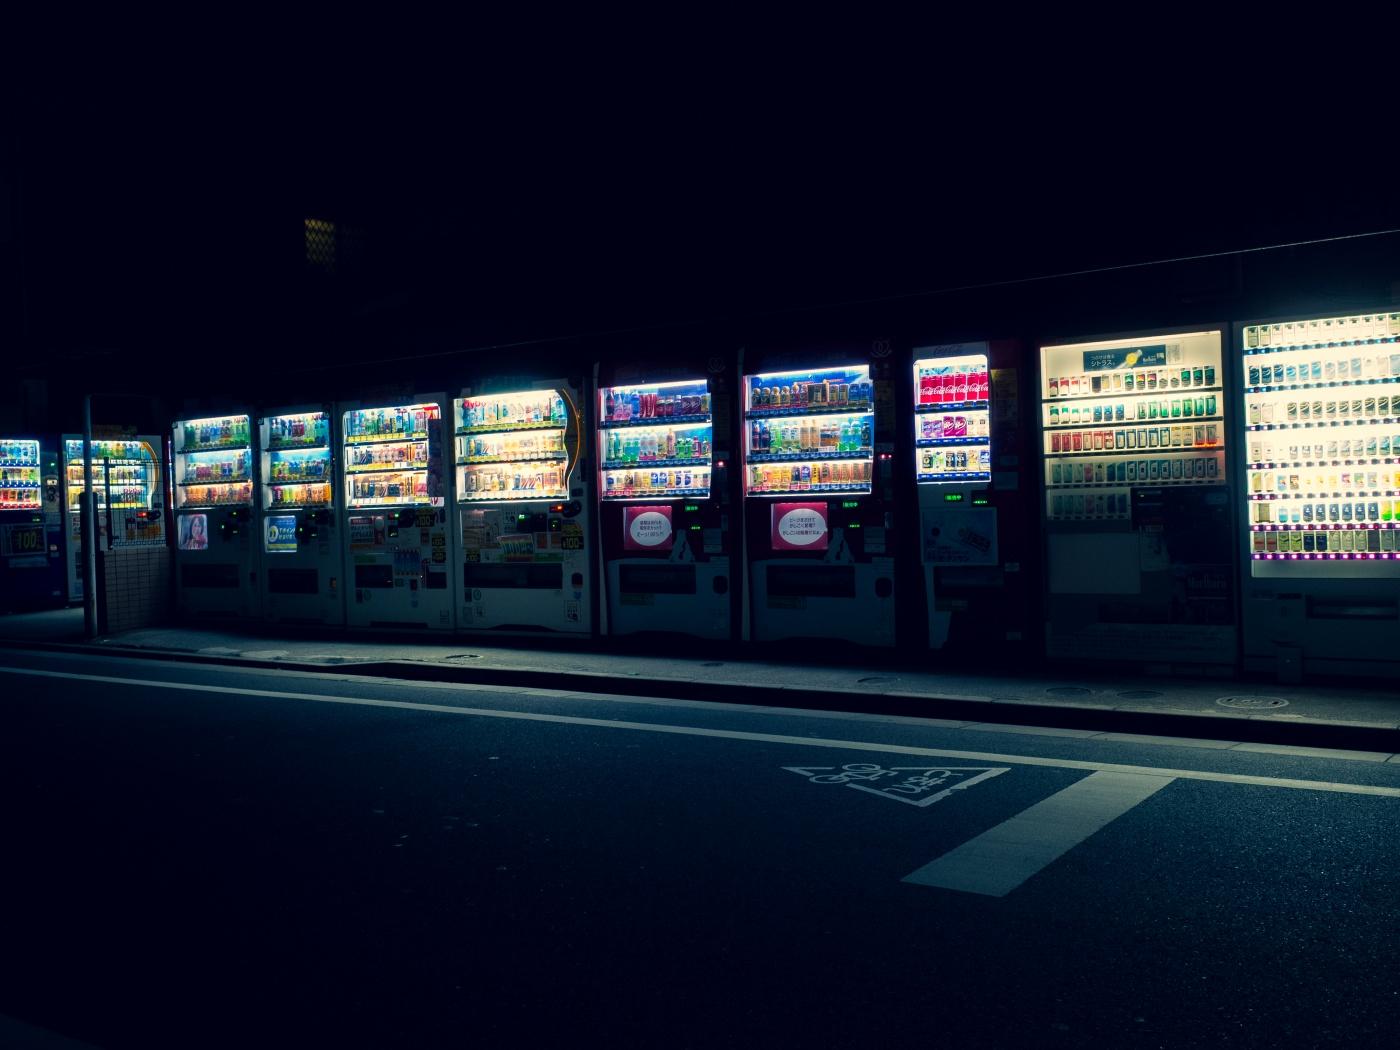 板橋区徳丸 島田たばこ店